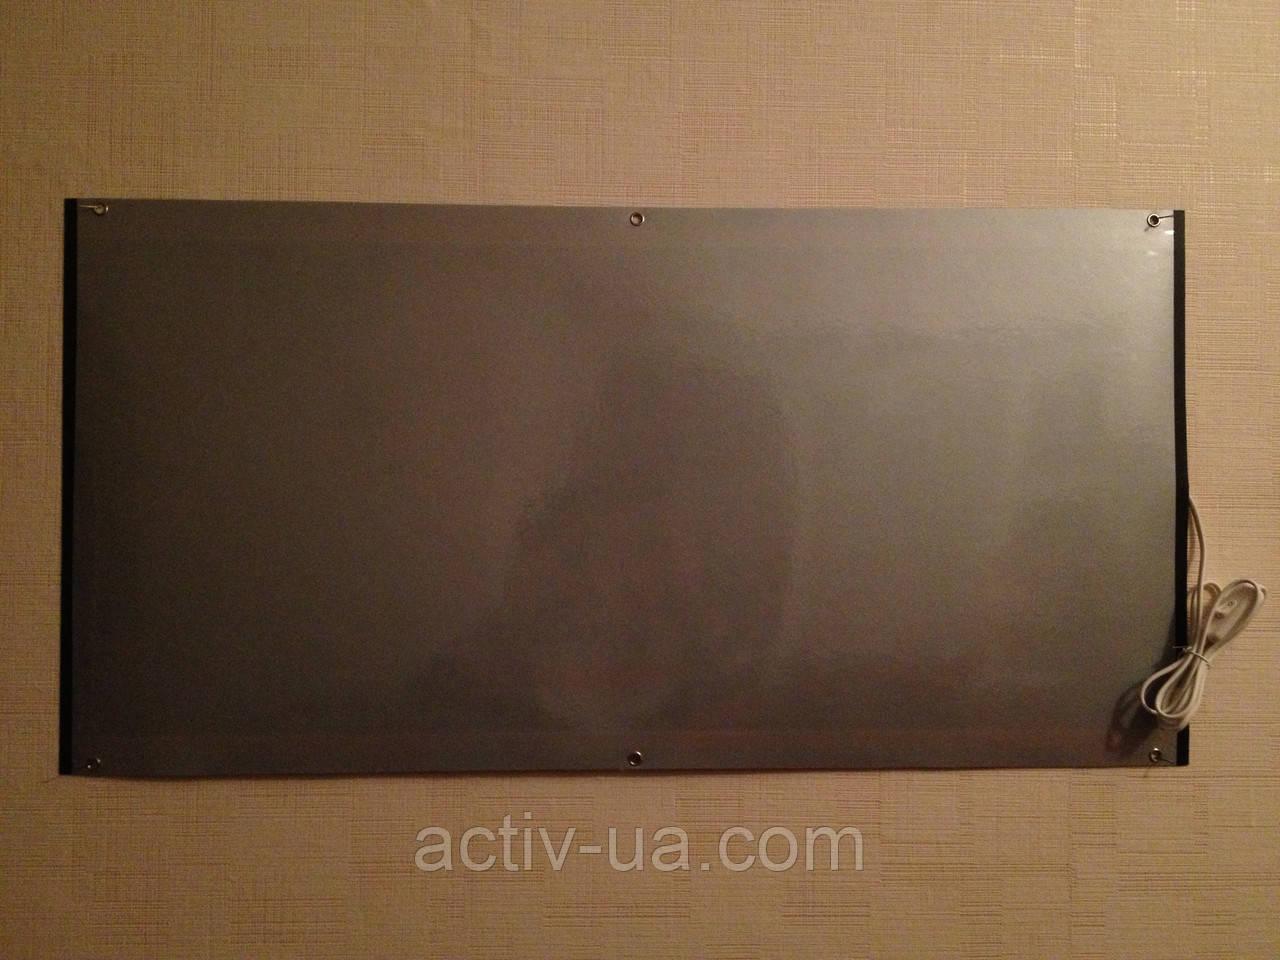 Універсальний настінний обігрівач для балконів, під вікна, батареї. Розмір: 120*50 див. Україна